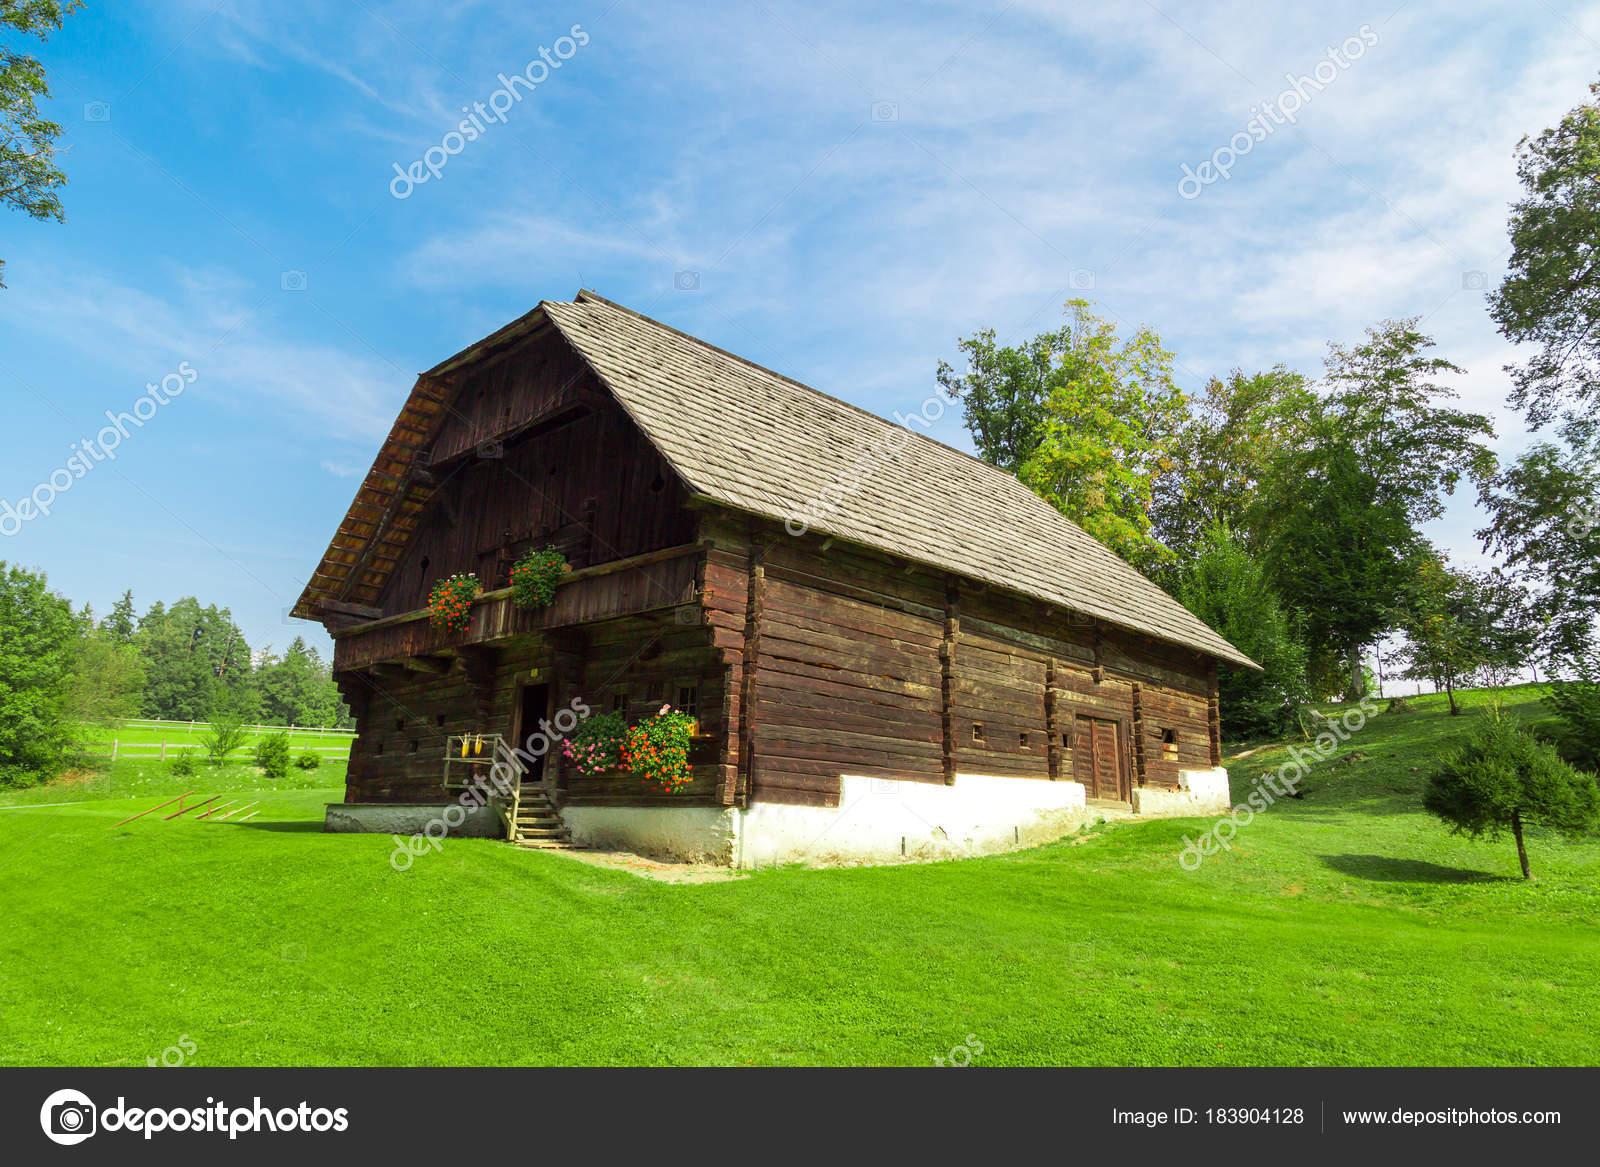 Case Di Montagna In Legno : Casa di montagna in legno u2014 foto stock © niglaynike #183904128